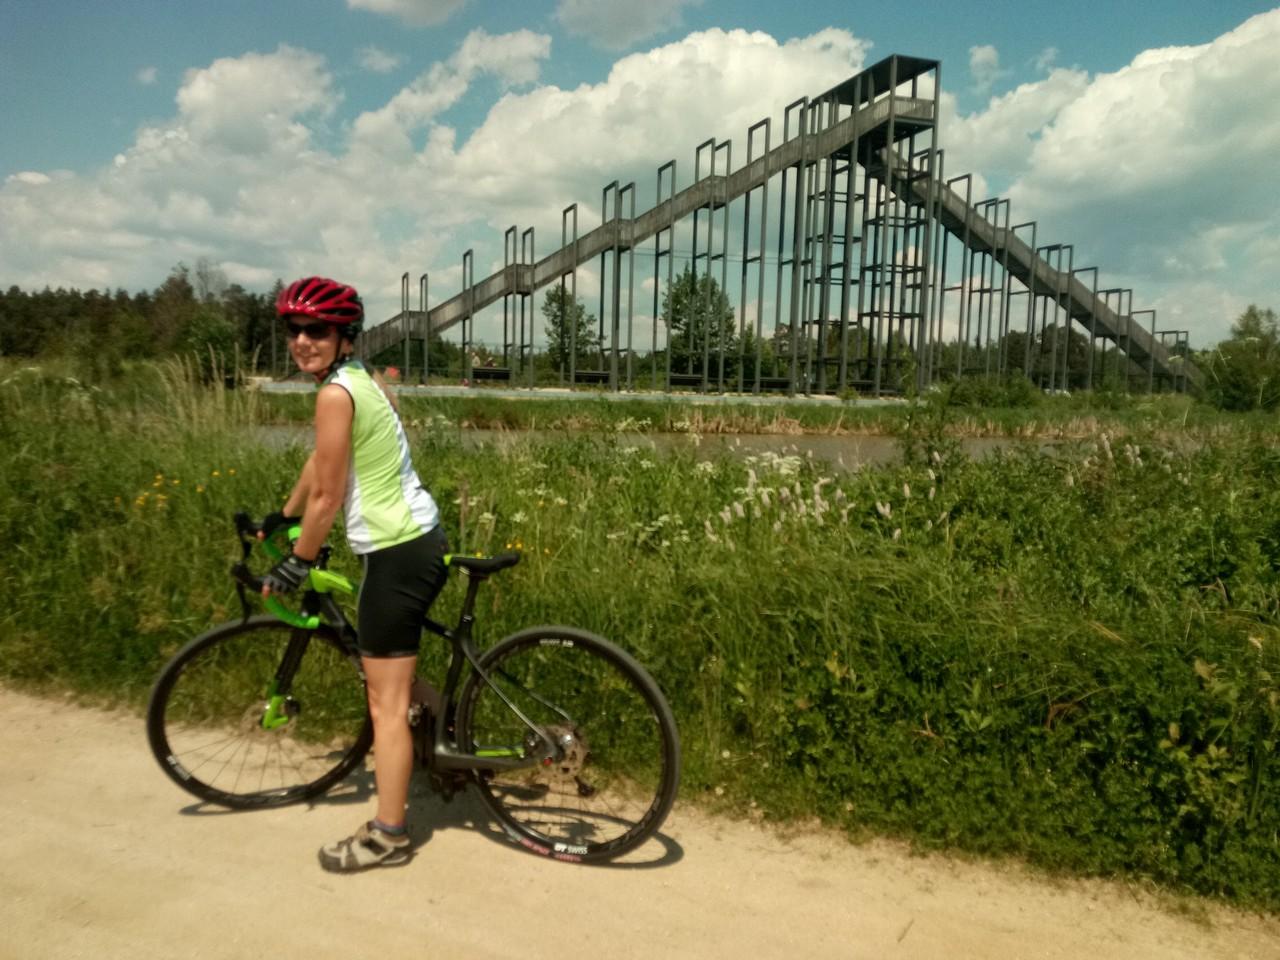 Bike_001_11.jpg